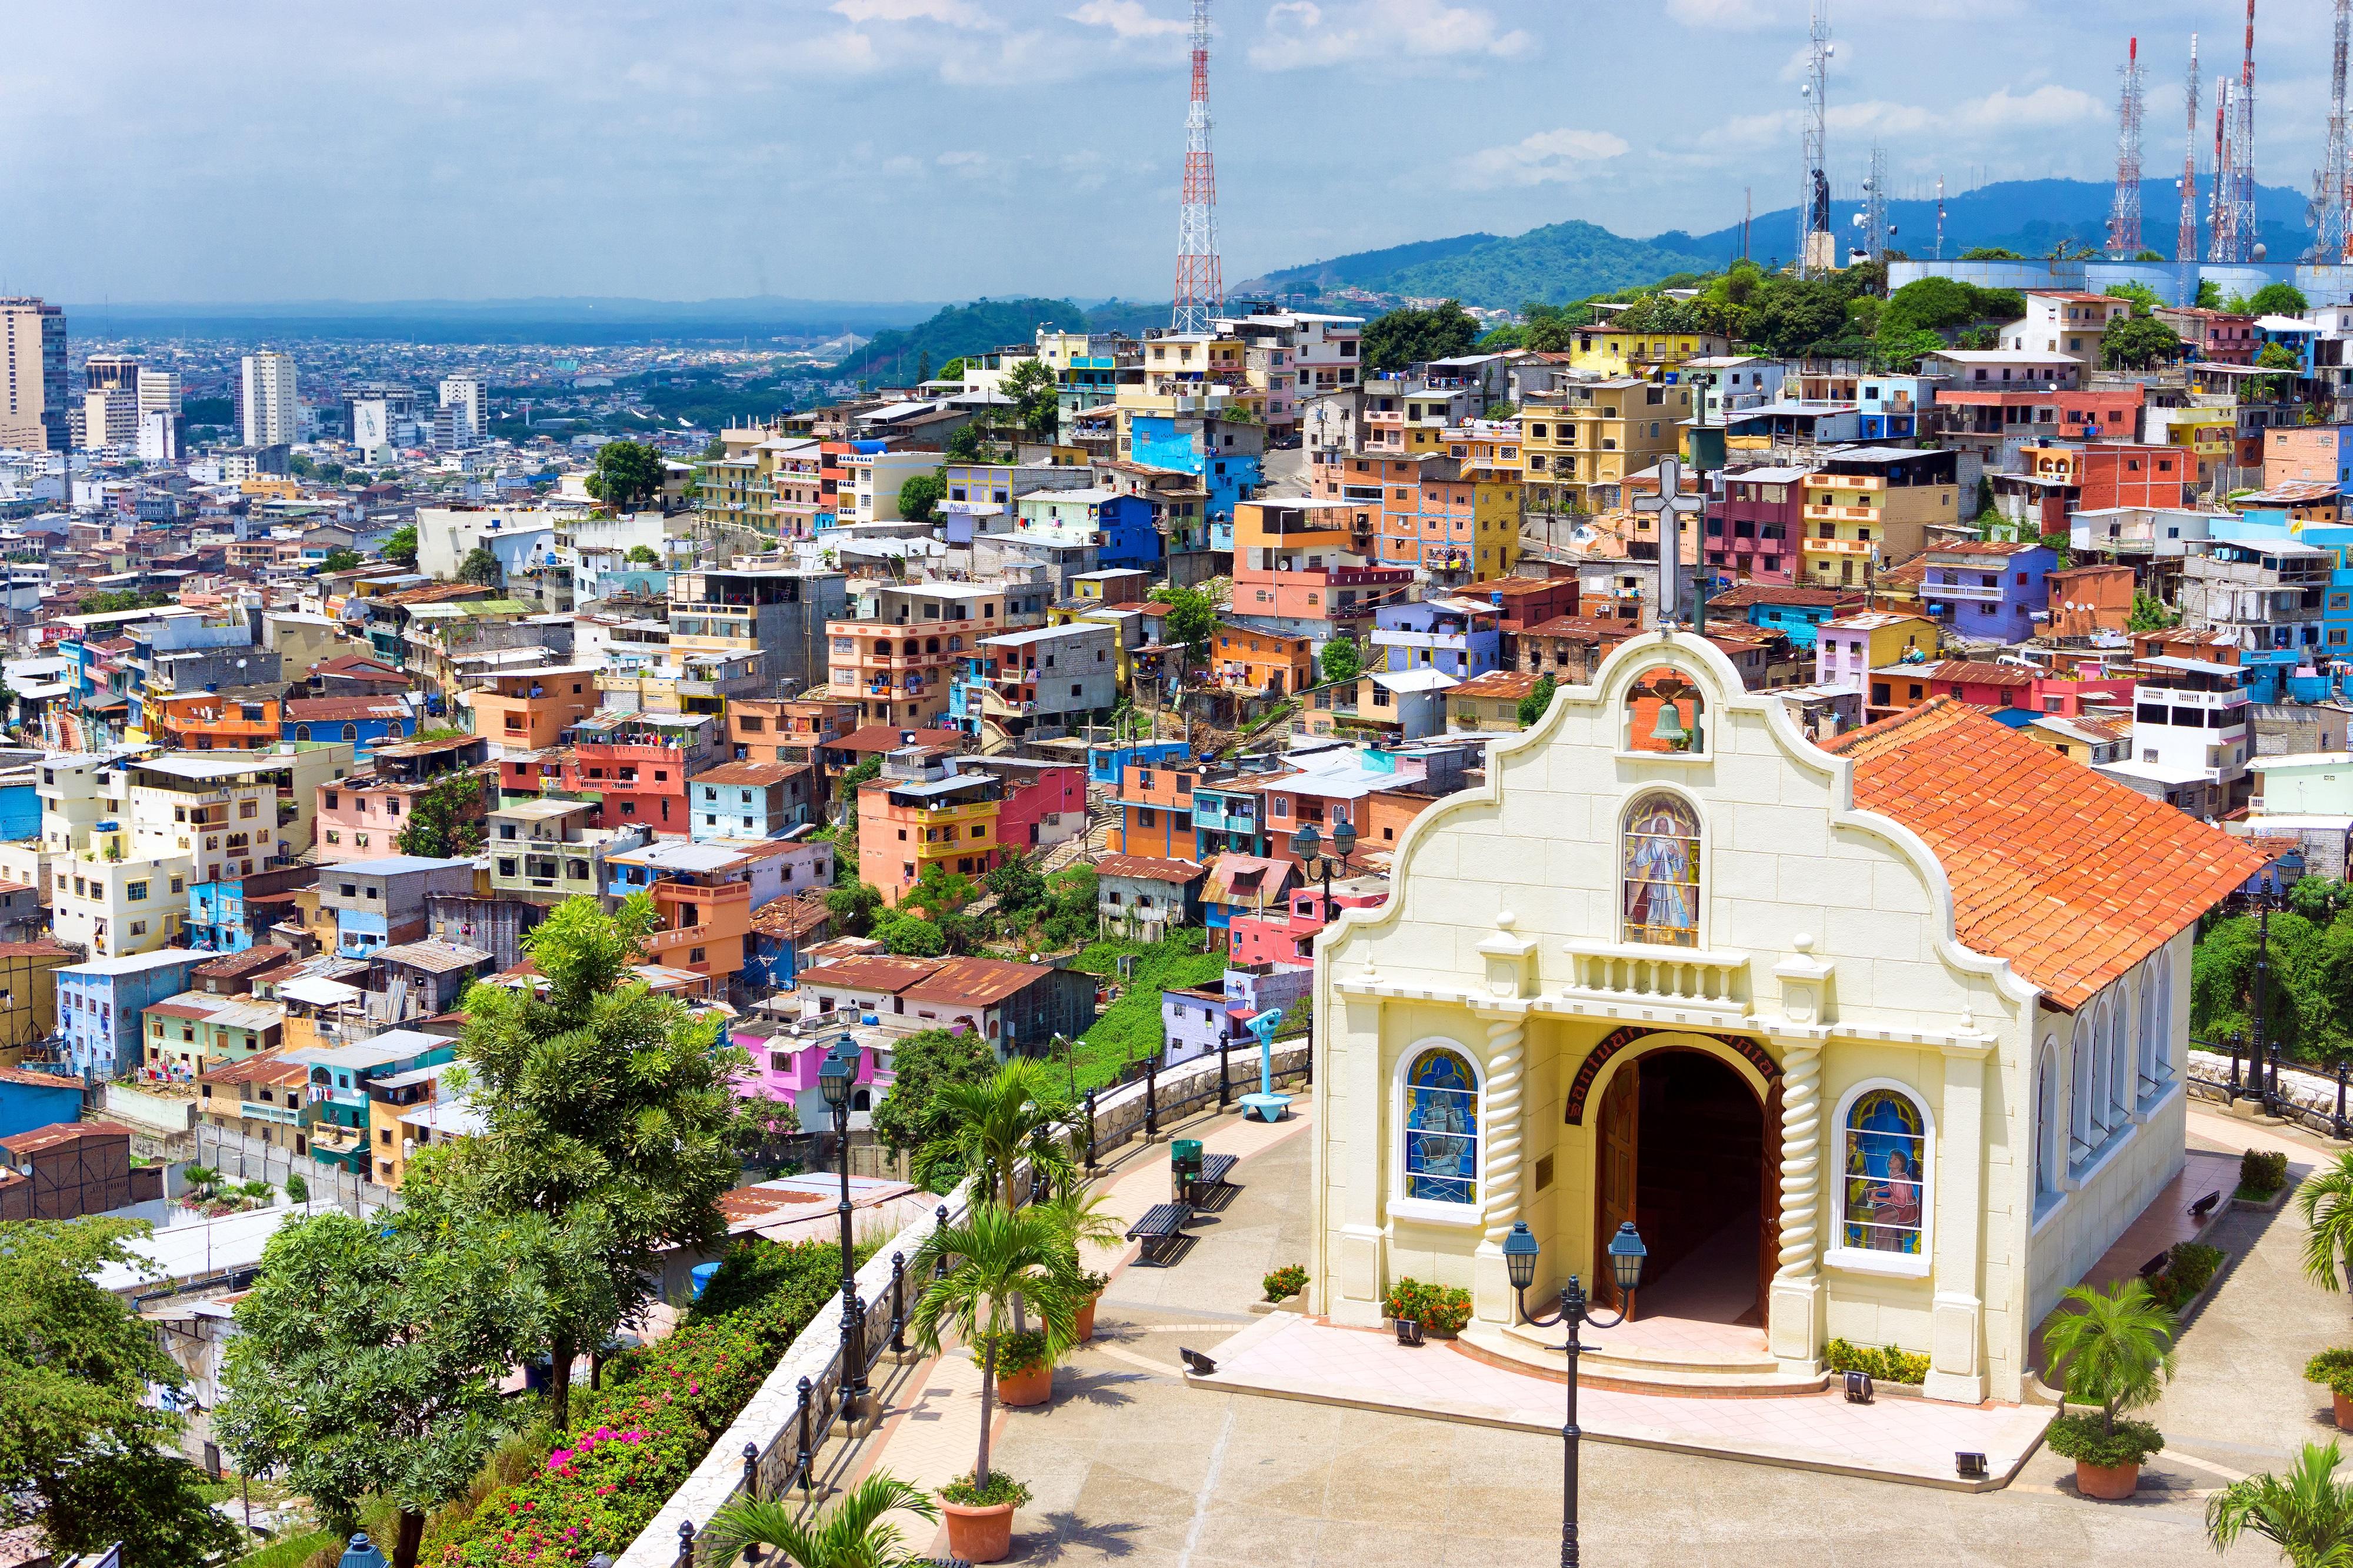 Iglesia en la ciudad de Guayaquil